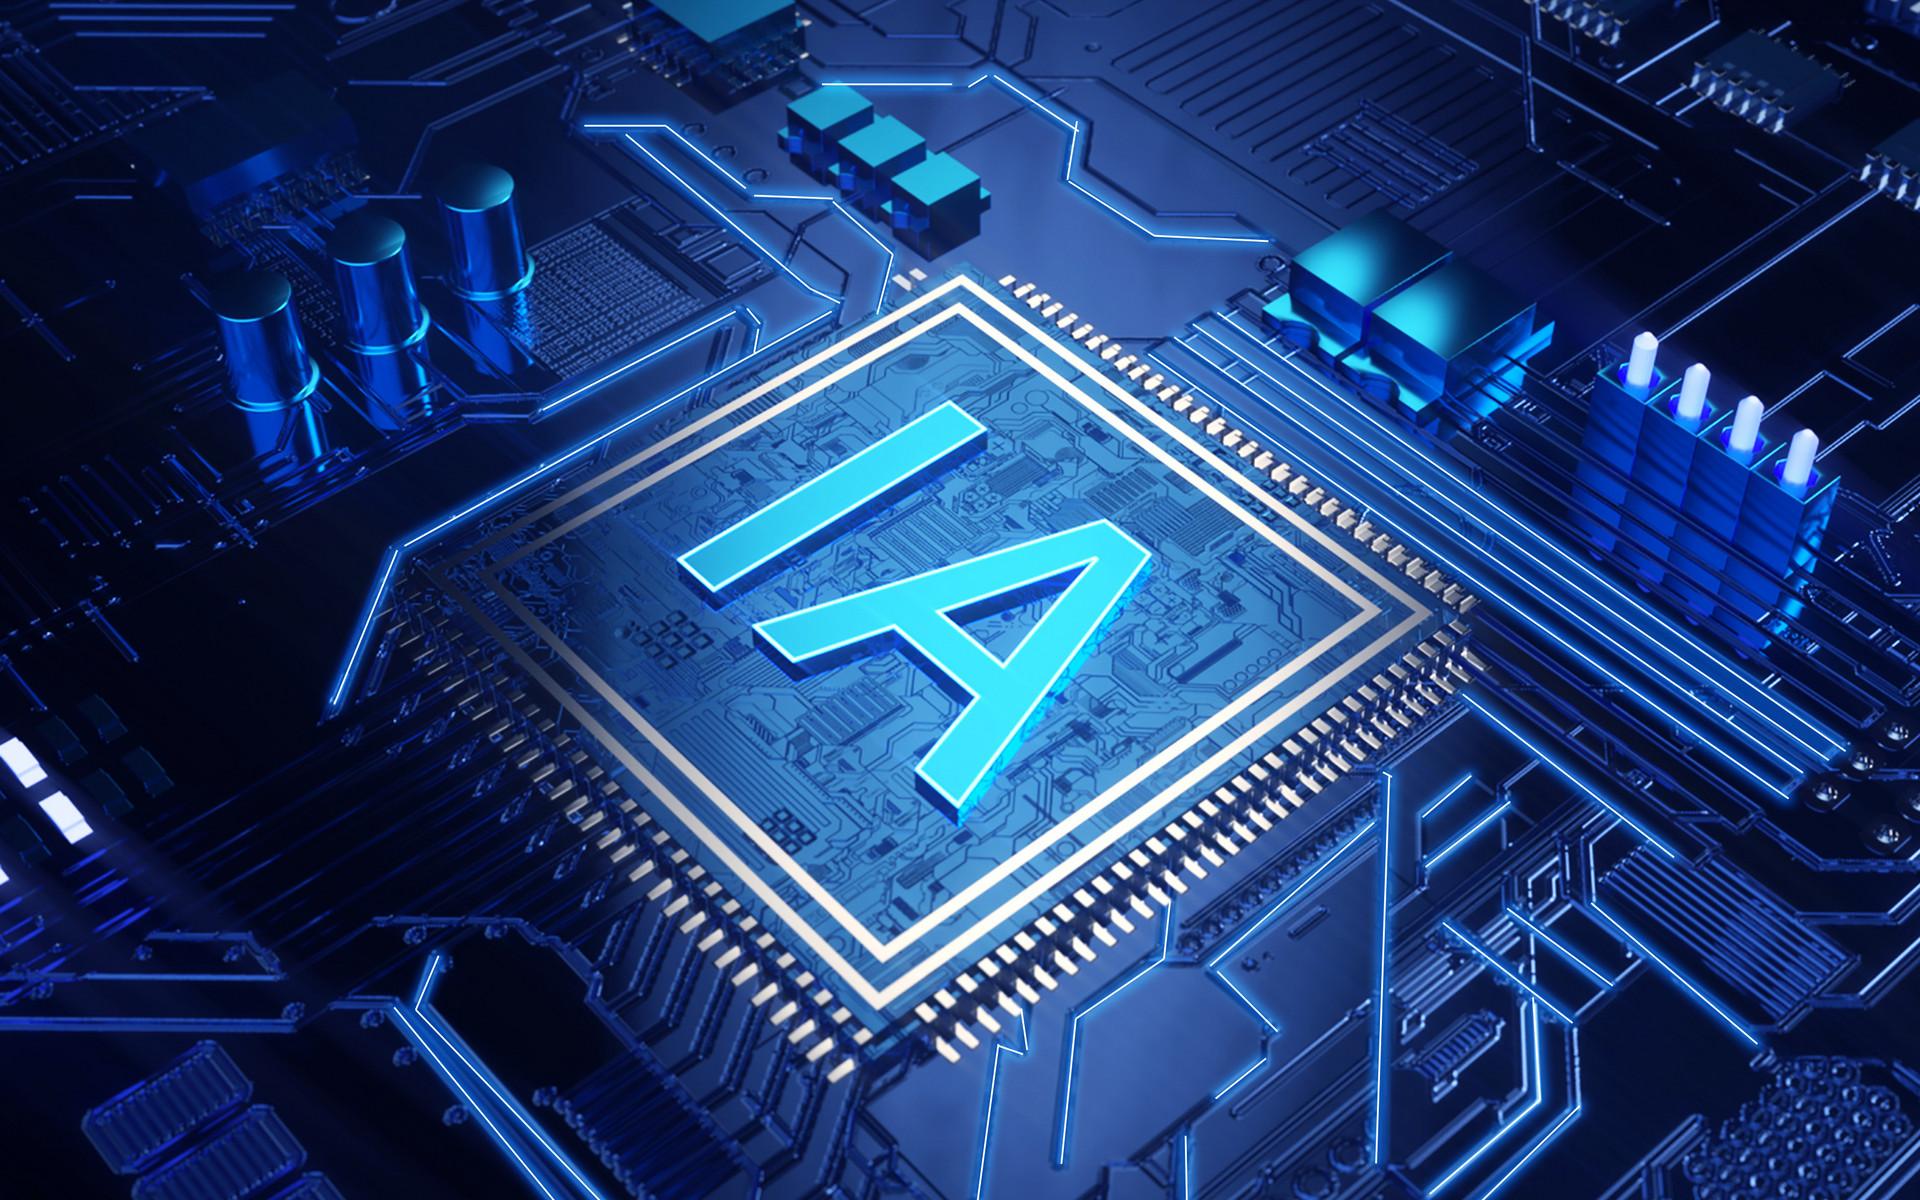 智创未来 全球人工智能视觉产业与技术大会将在青开幕